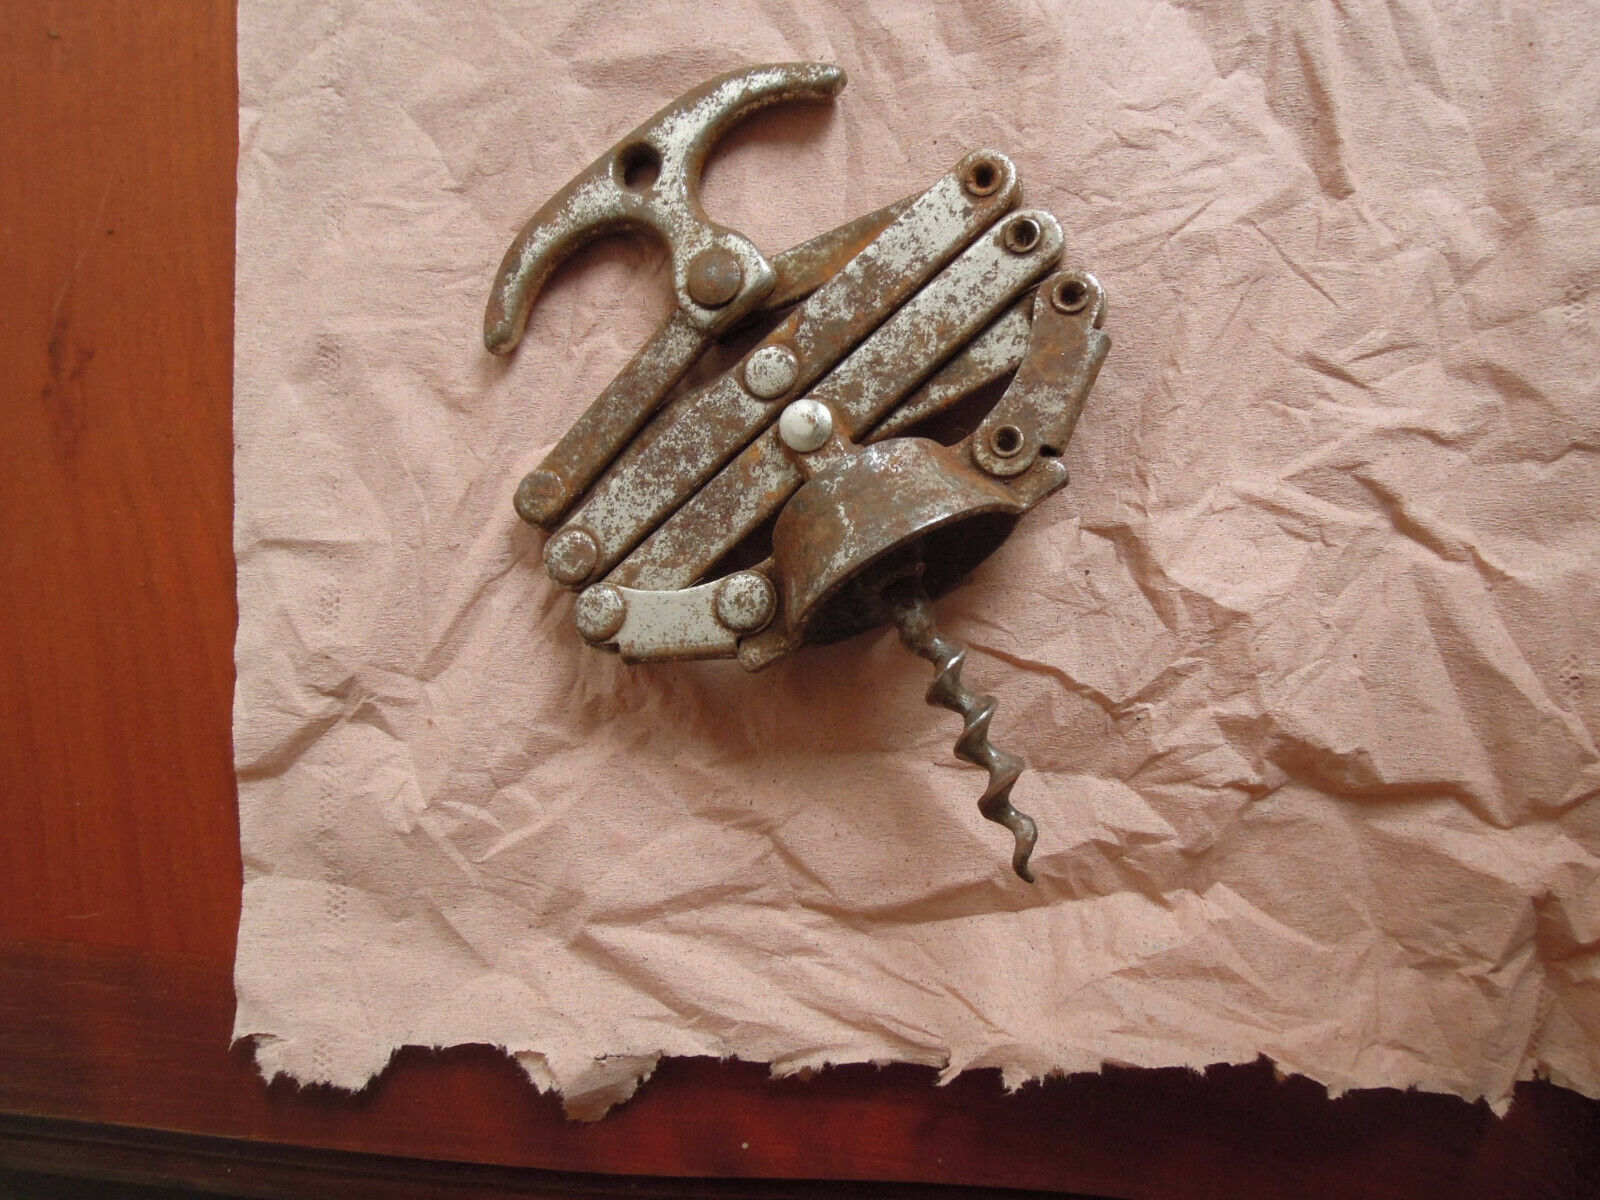 3 anciens tire-bouchon antique french corkscrew